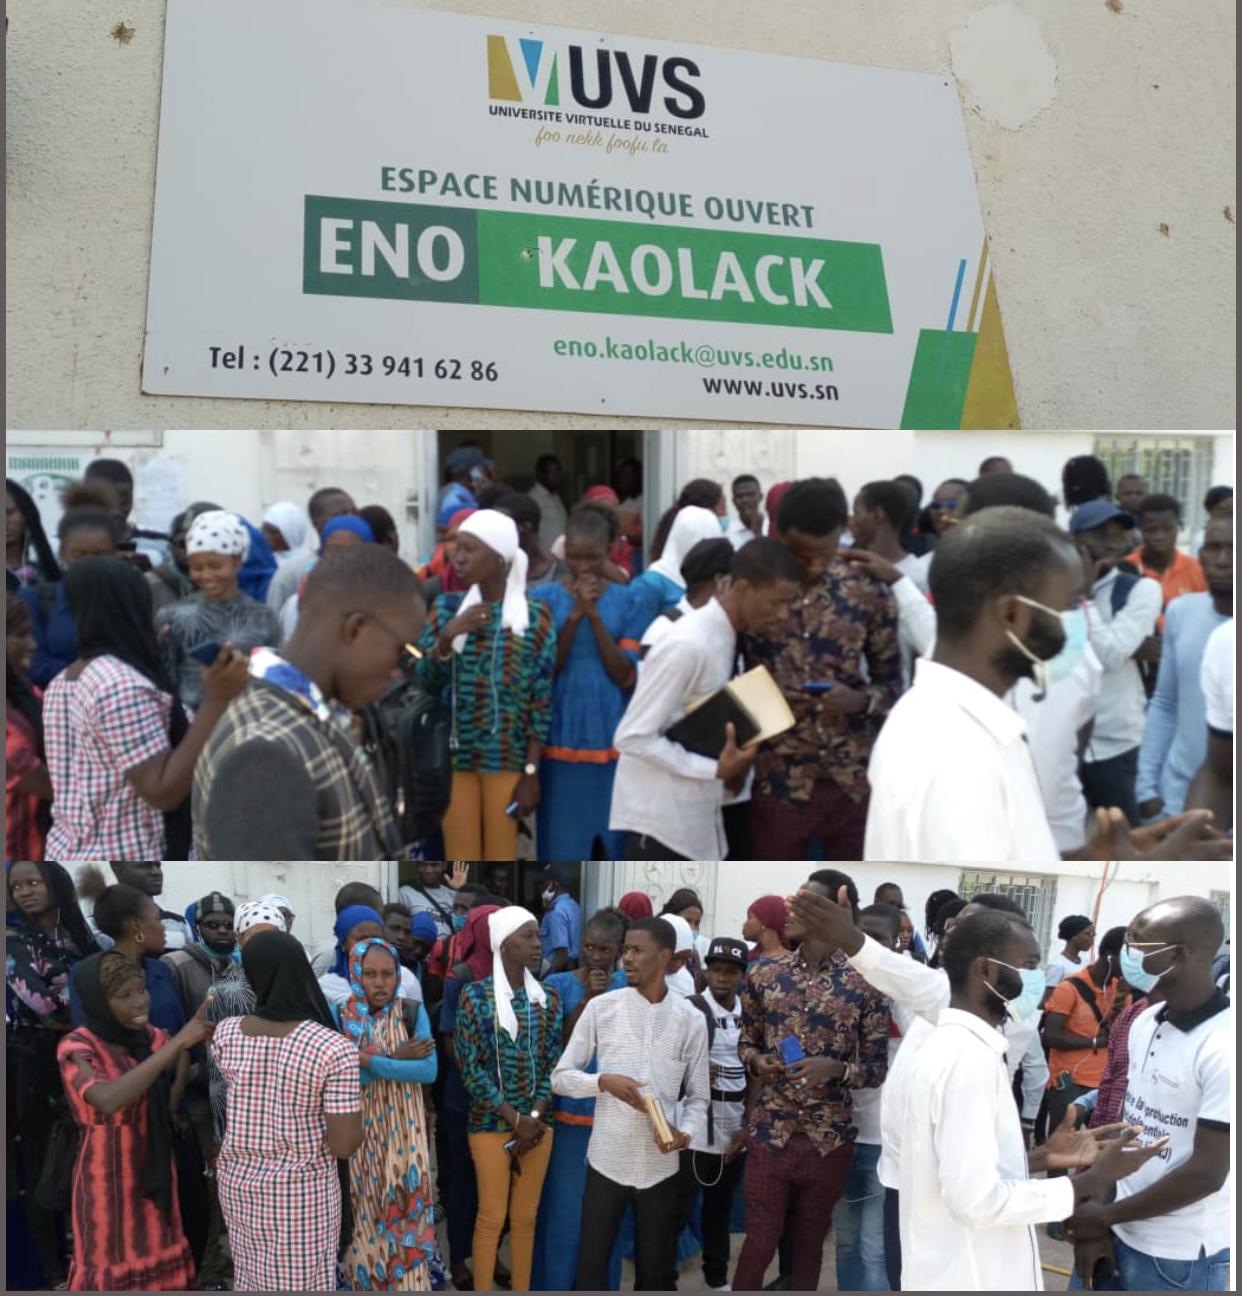 Kaolack : Les étudiants de l'Uvs dénoncent les couacs au niveau de leur administration.